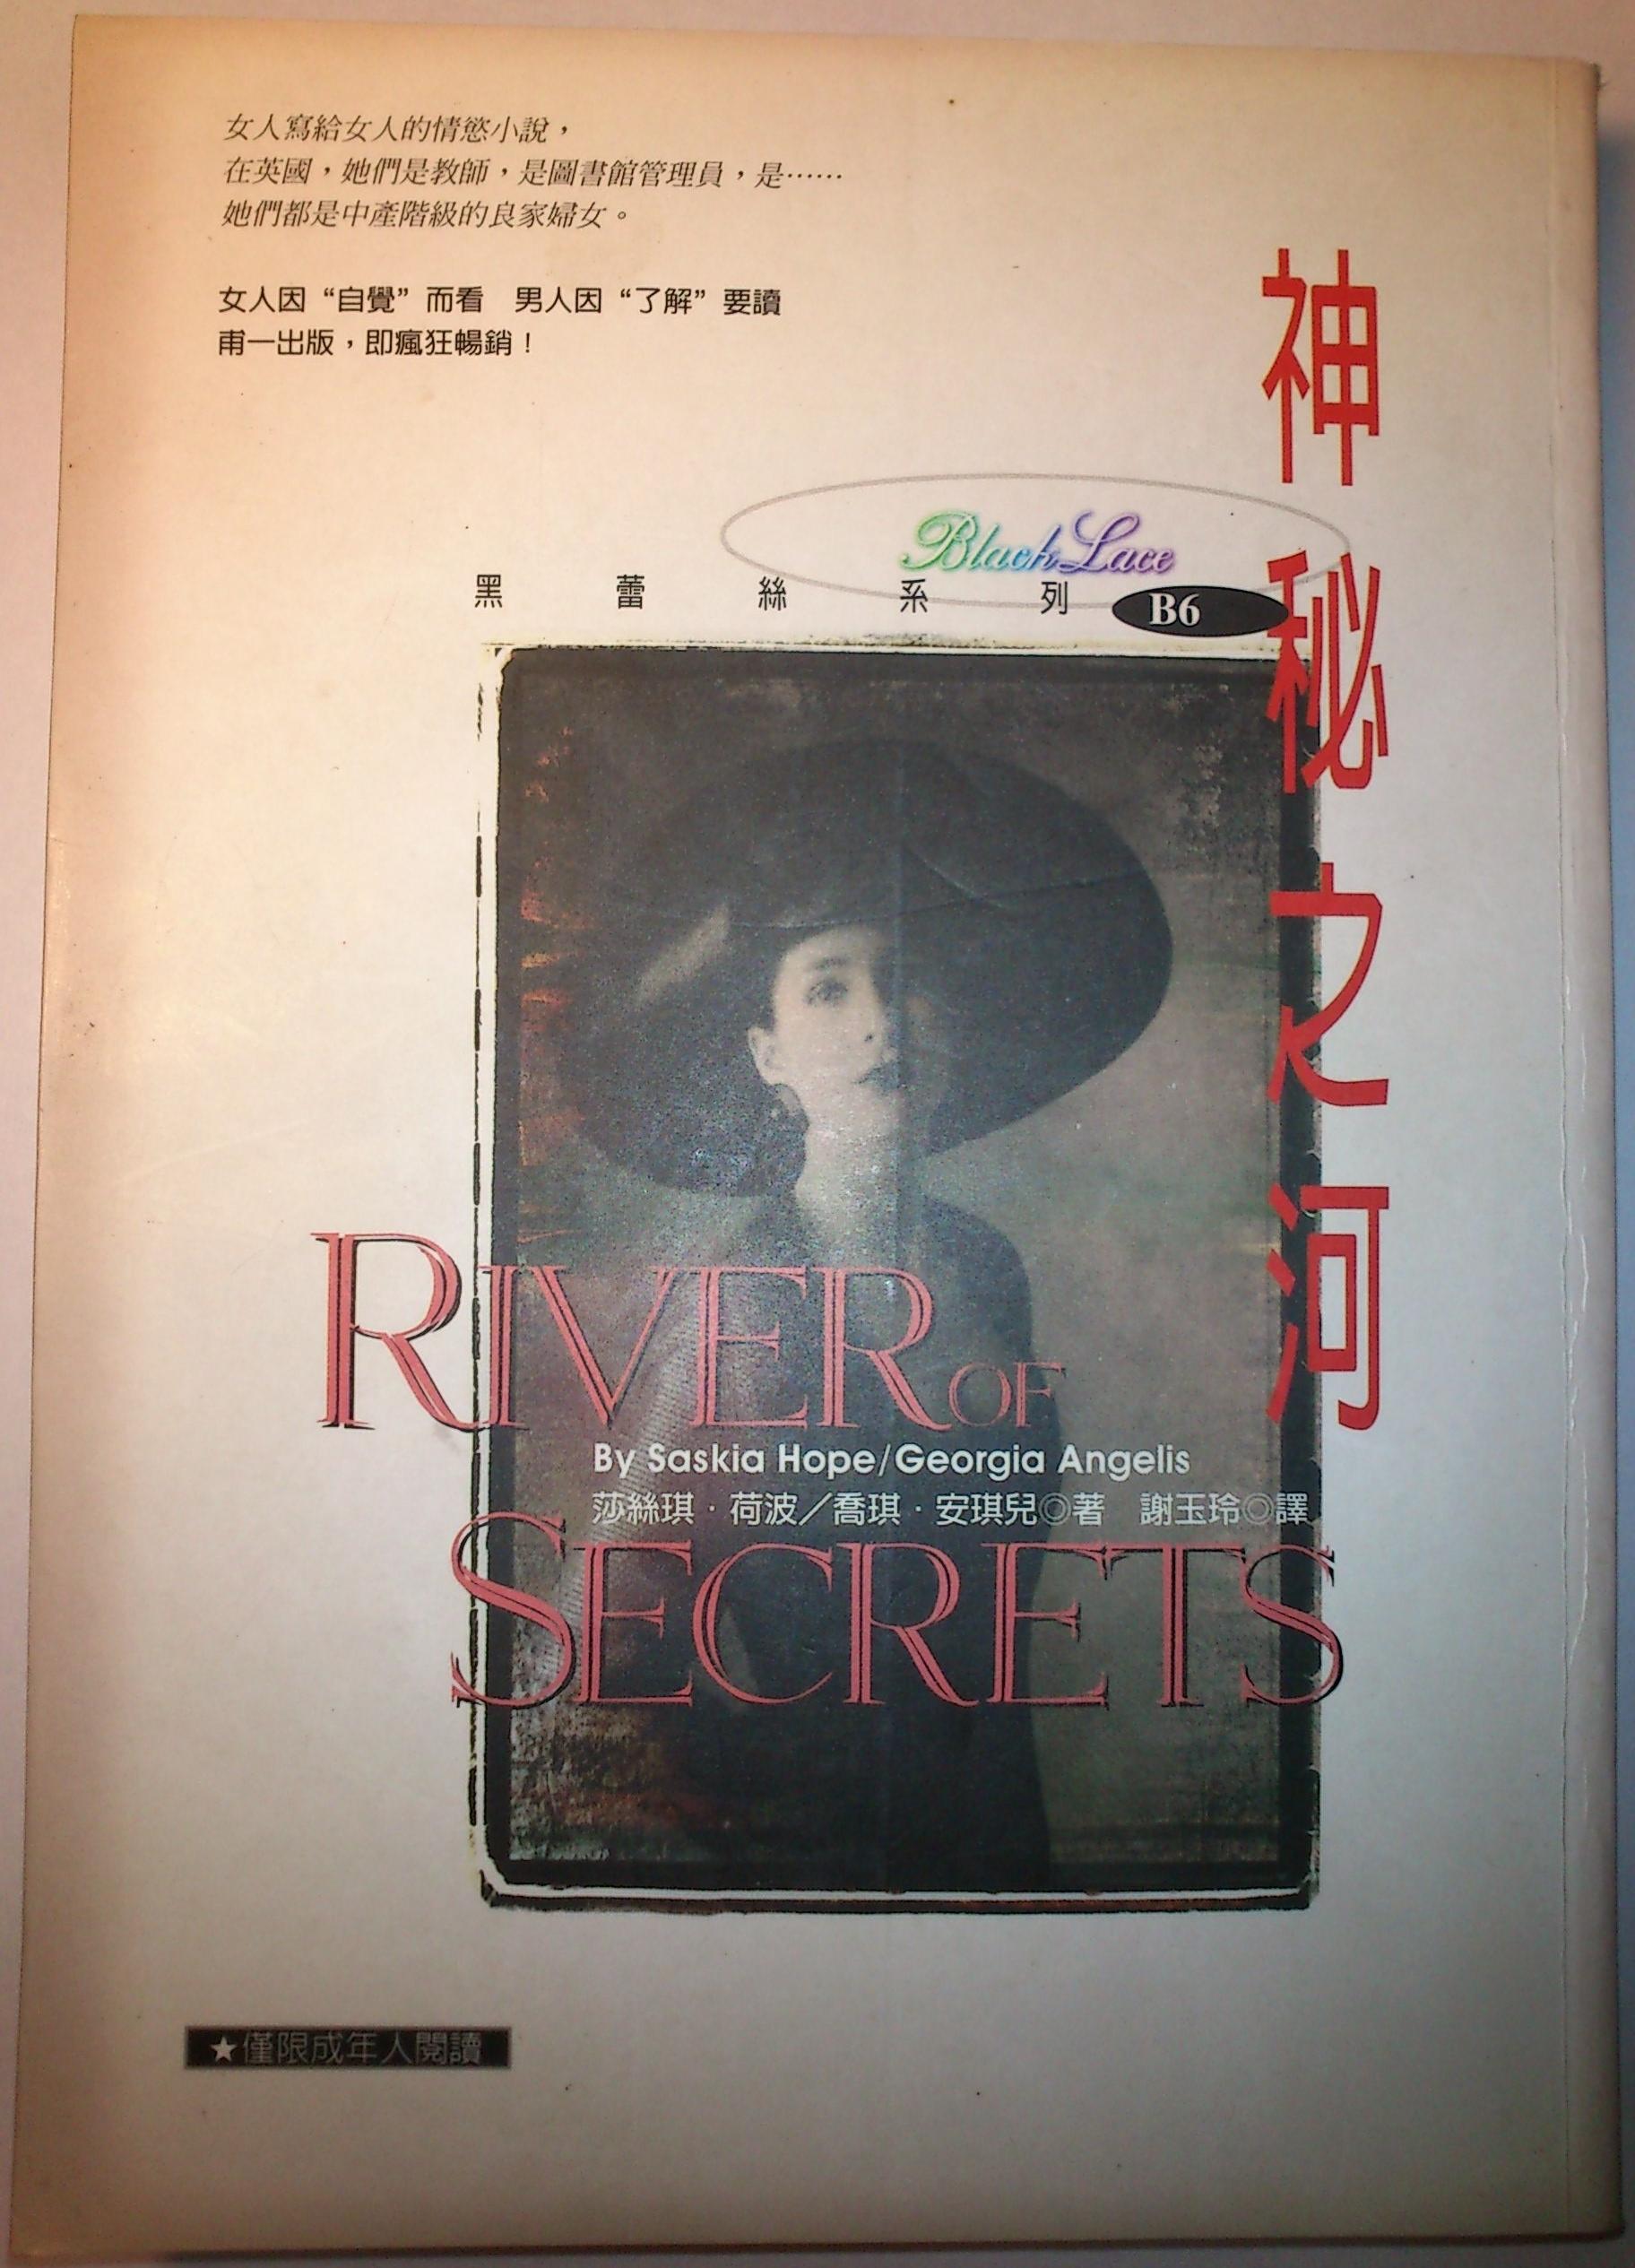 神秘之河 River Of Secrets